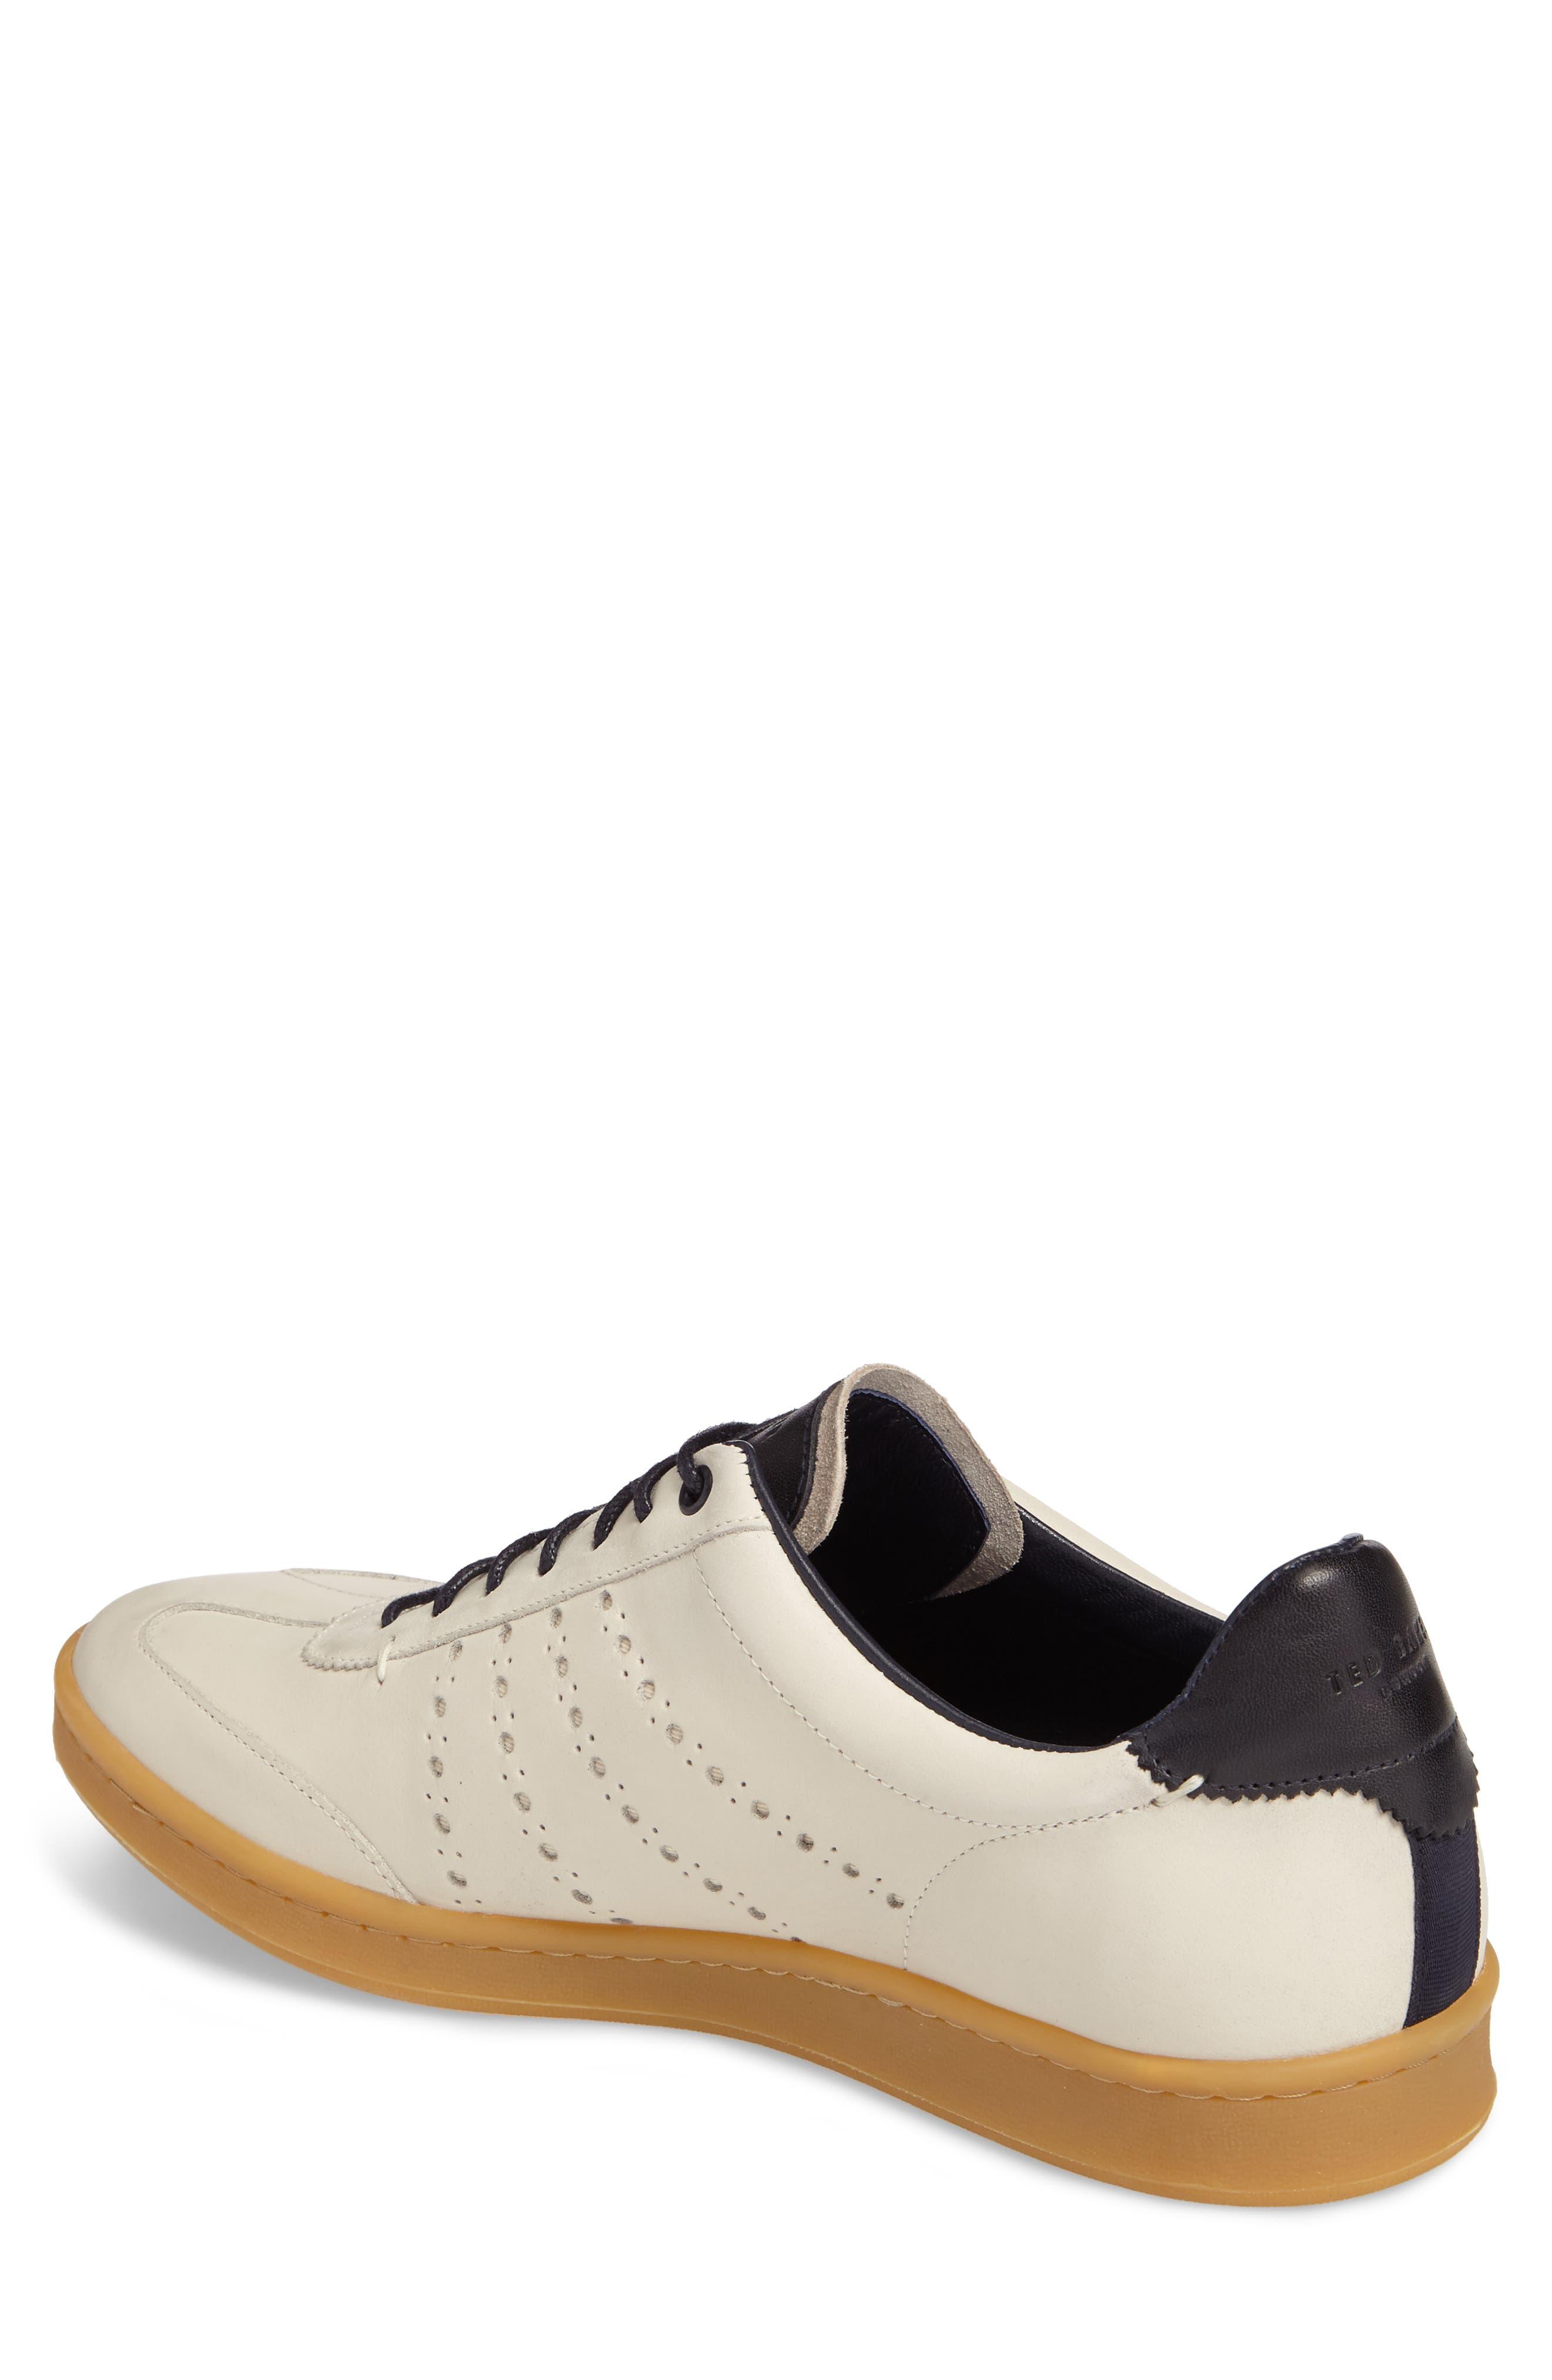 Orlee Sneaker,                             Alternate thumbnail 7, color,